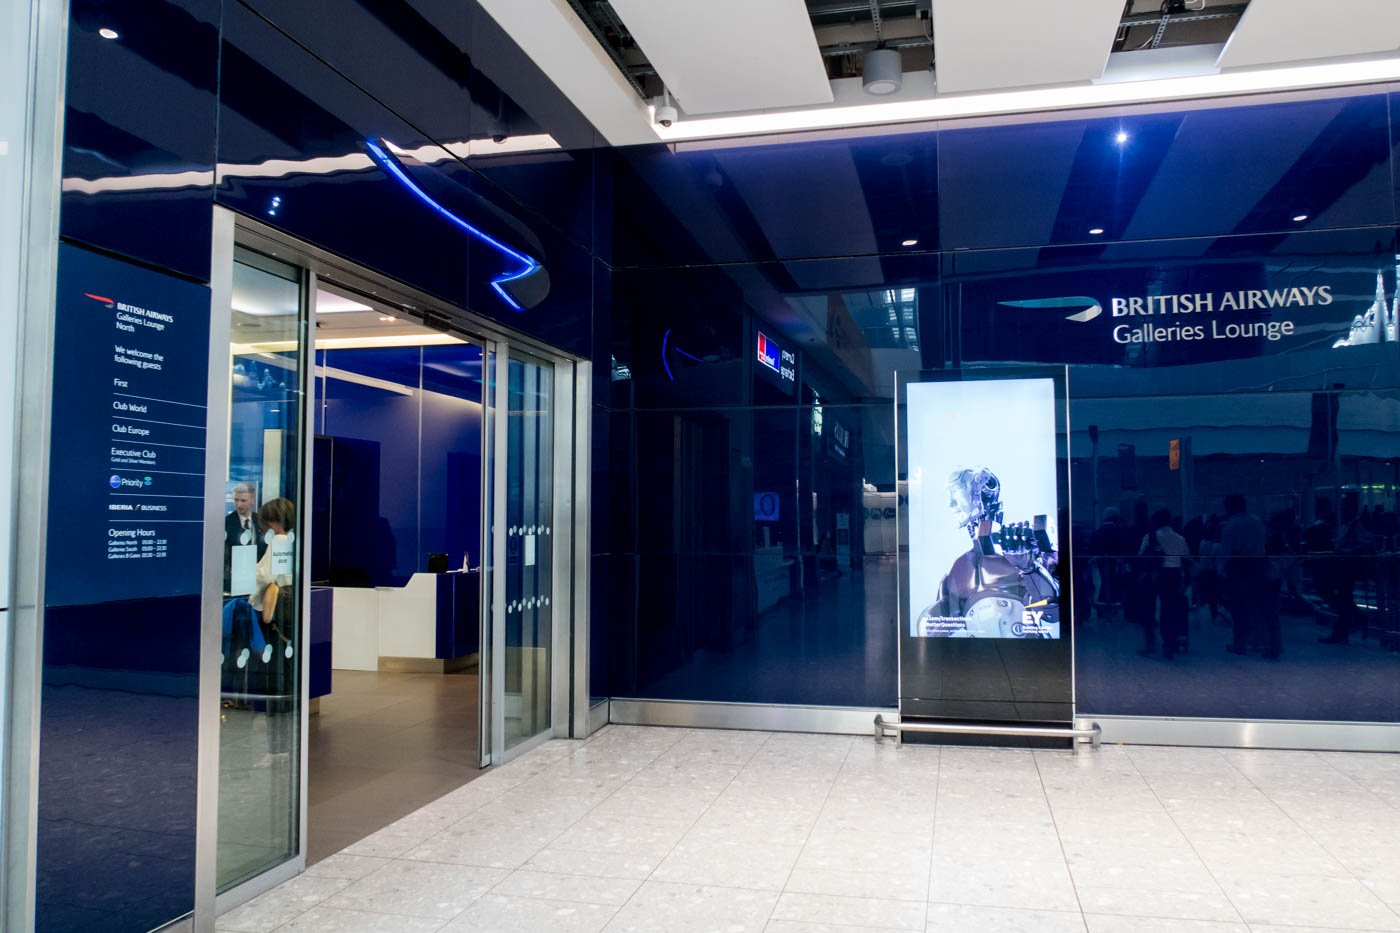 British Airways Galleries Lounge North